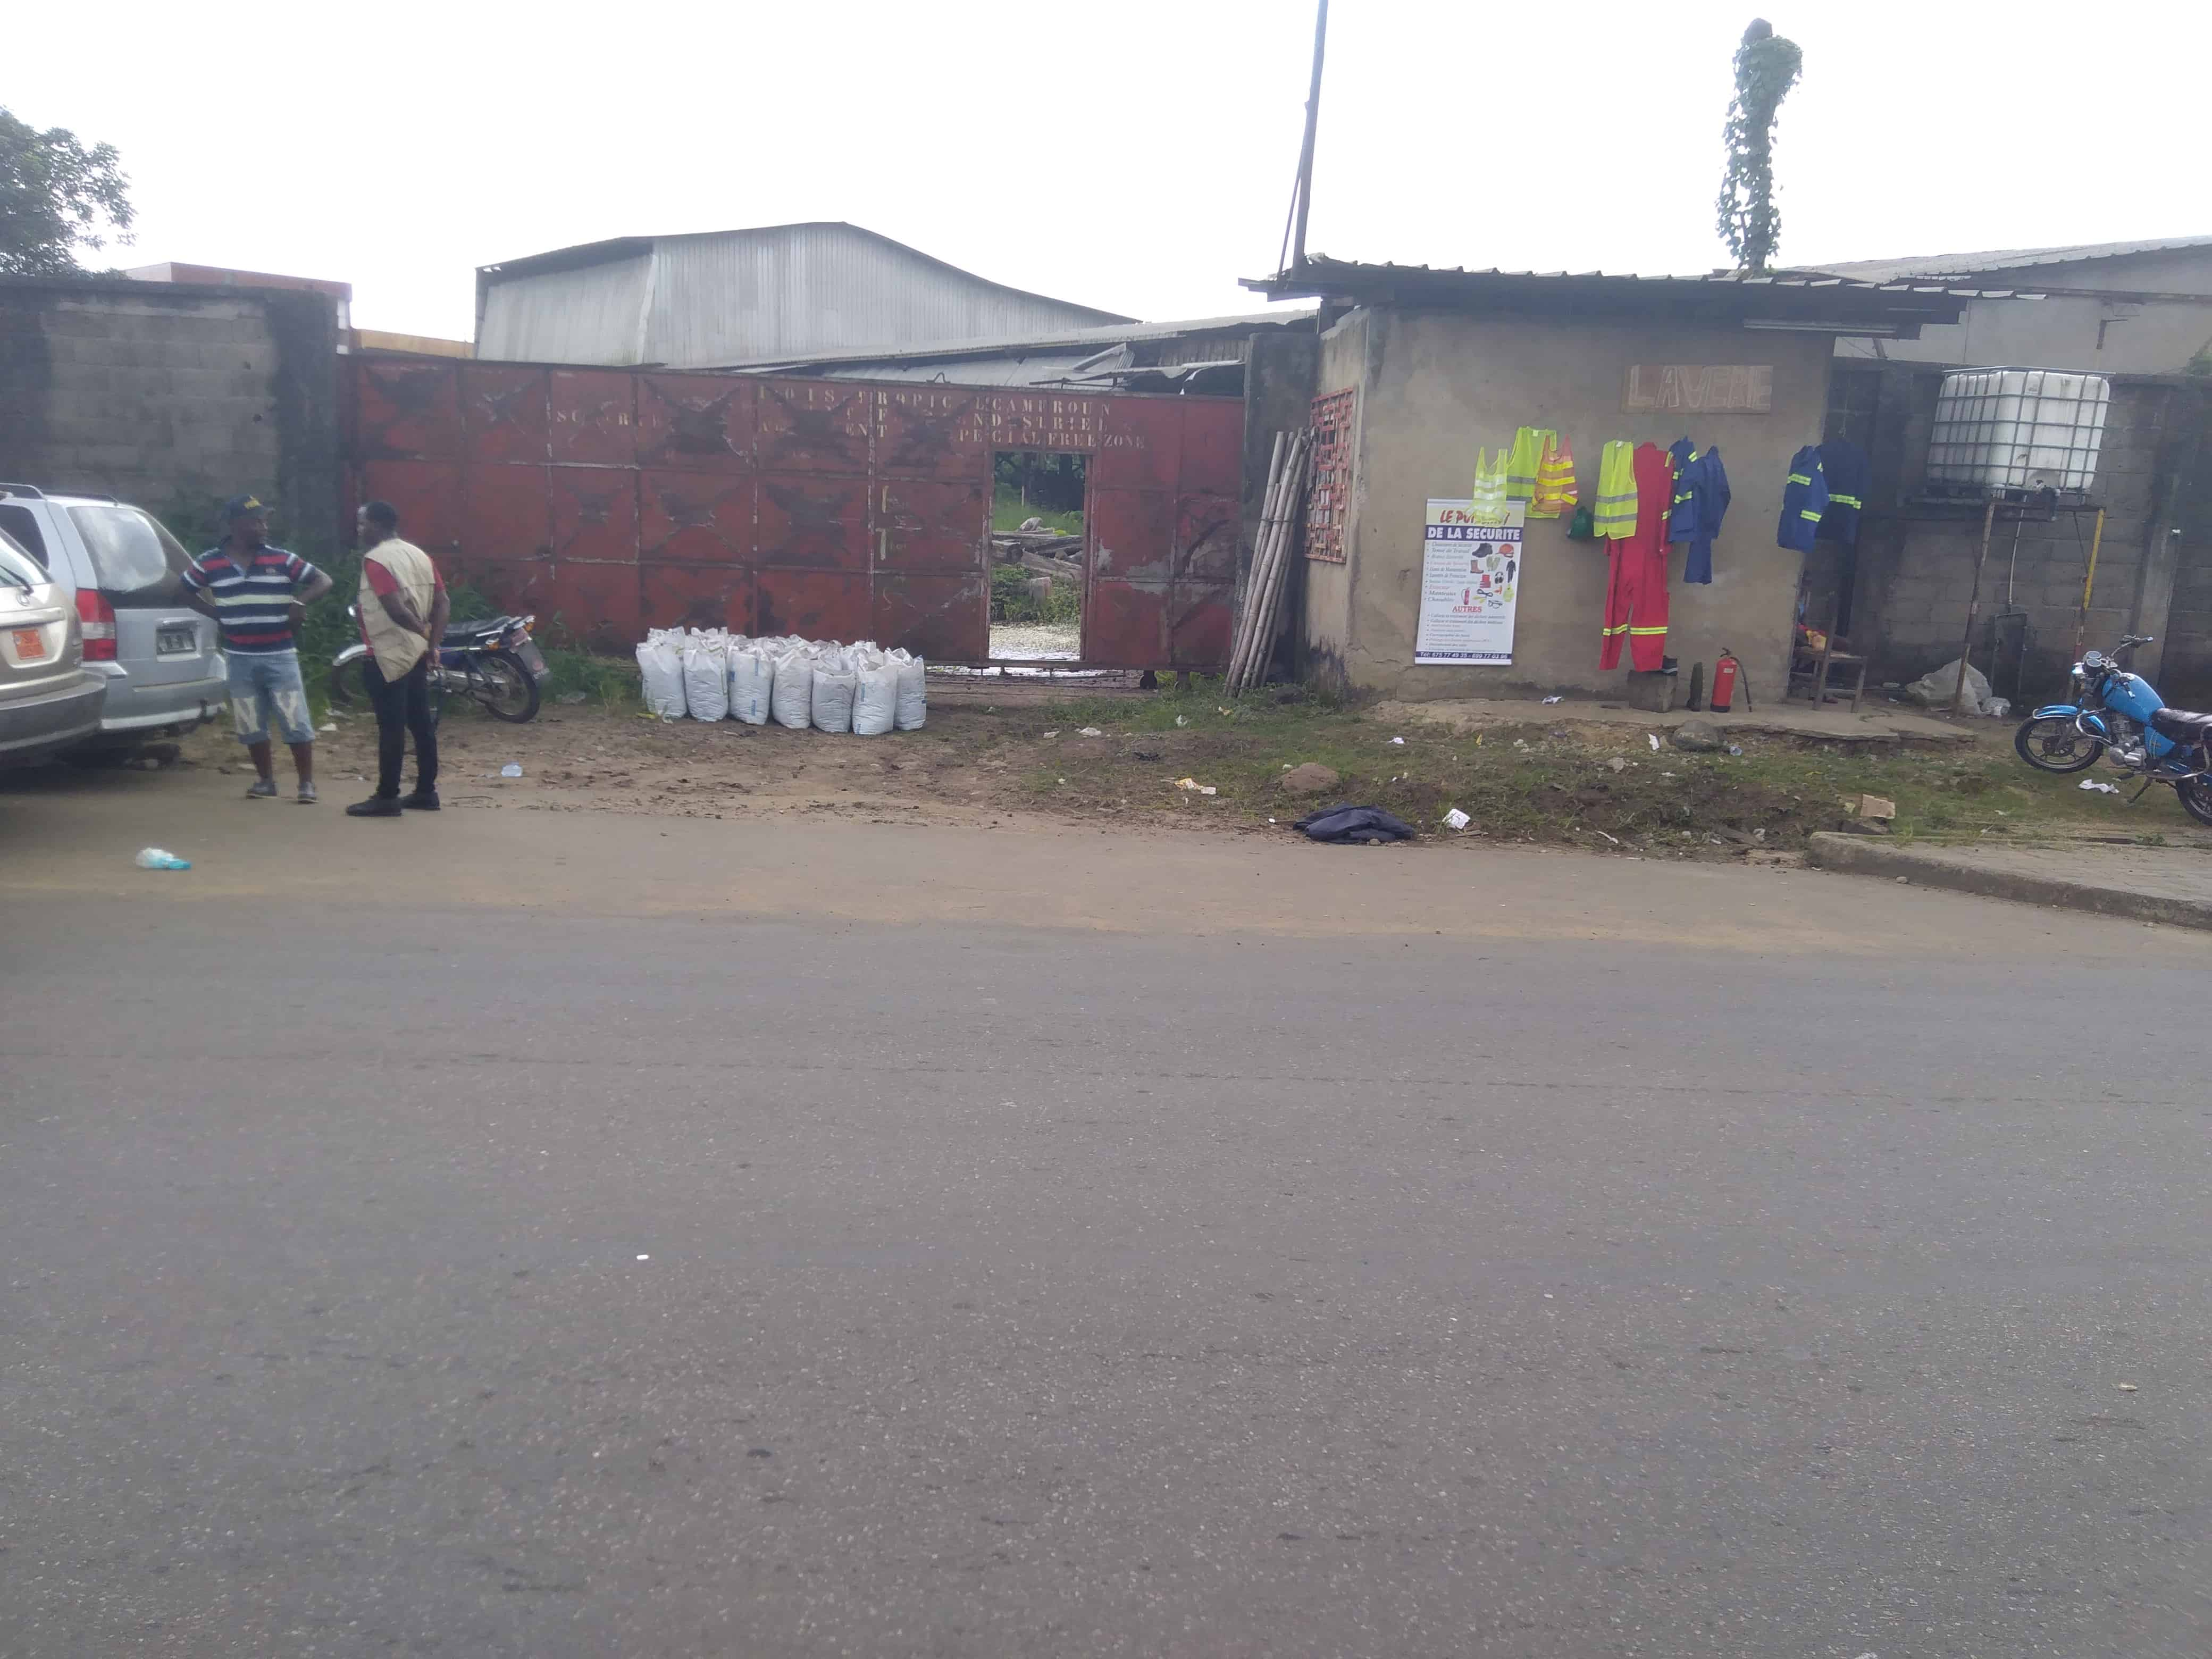 Entrepôt à louer à Douala, Ndokotti, À 300m derrière la nouvelle agence de banque société générale - 1000 m2 - 3 000 000 FCFA